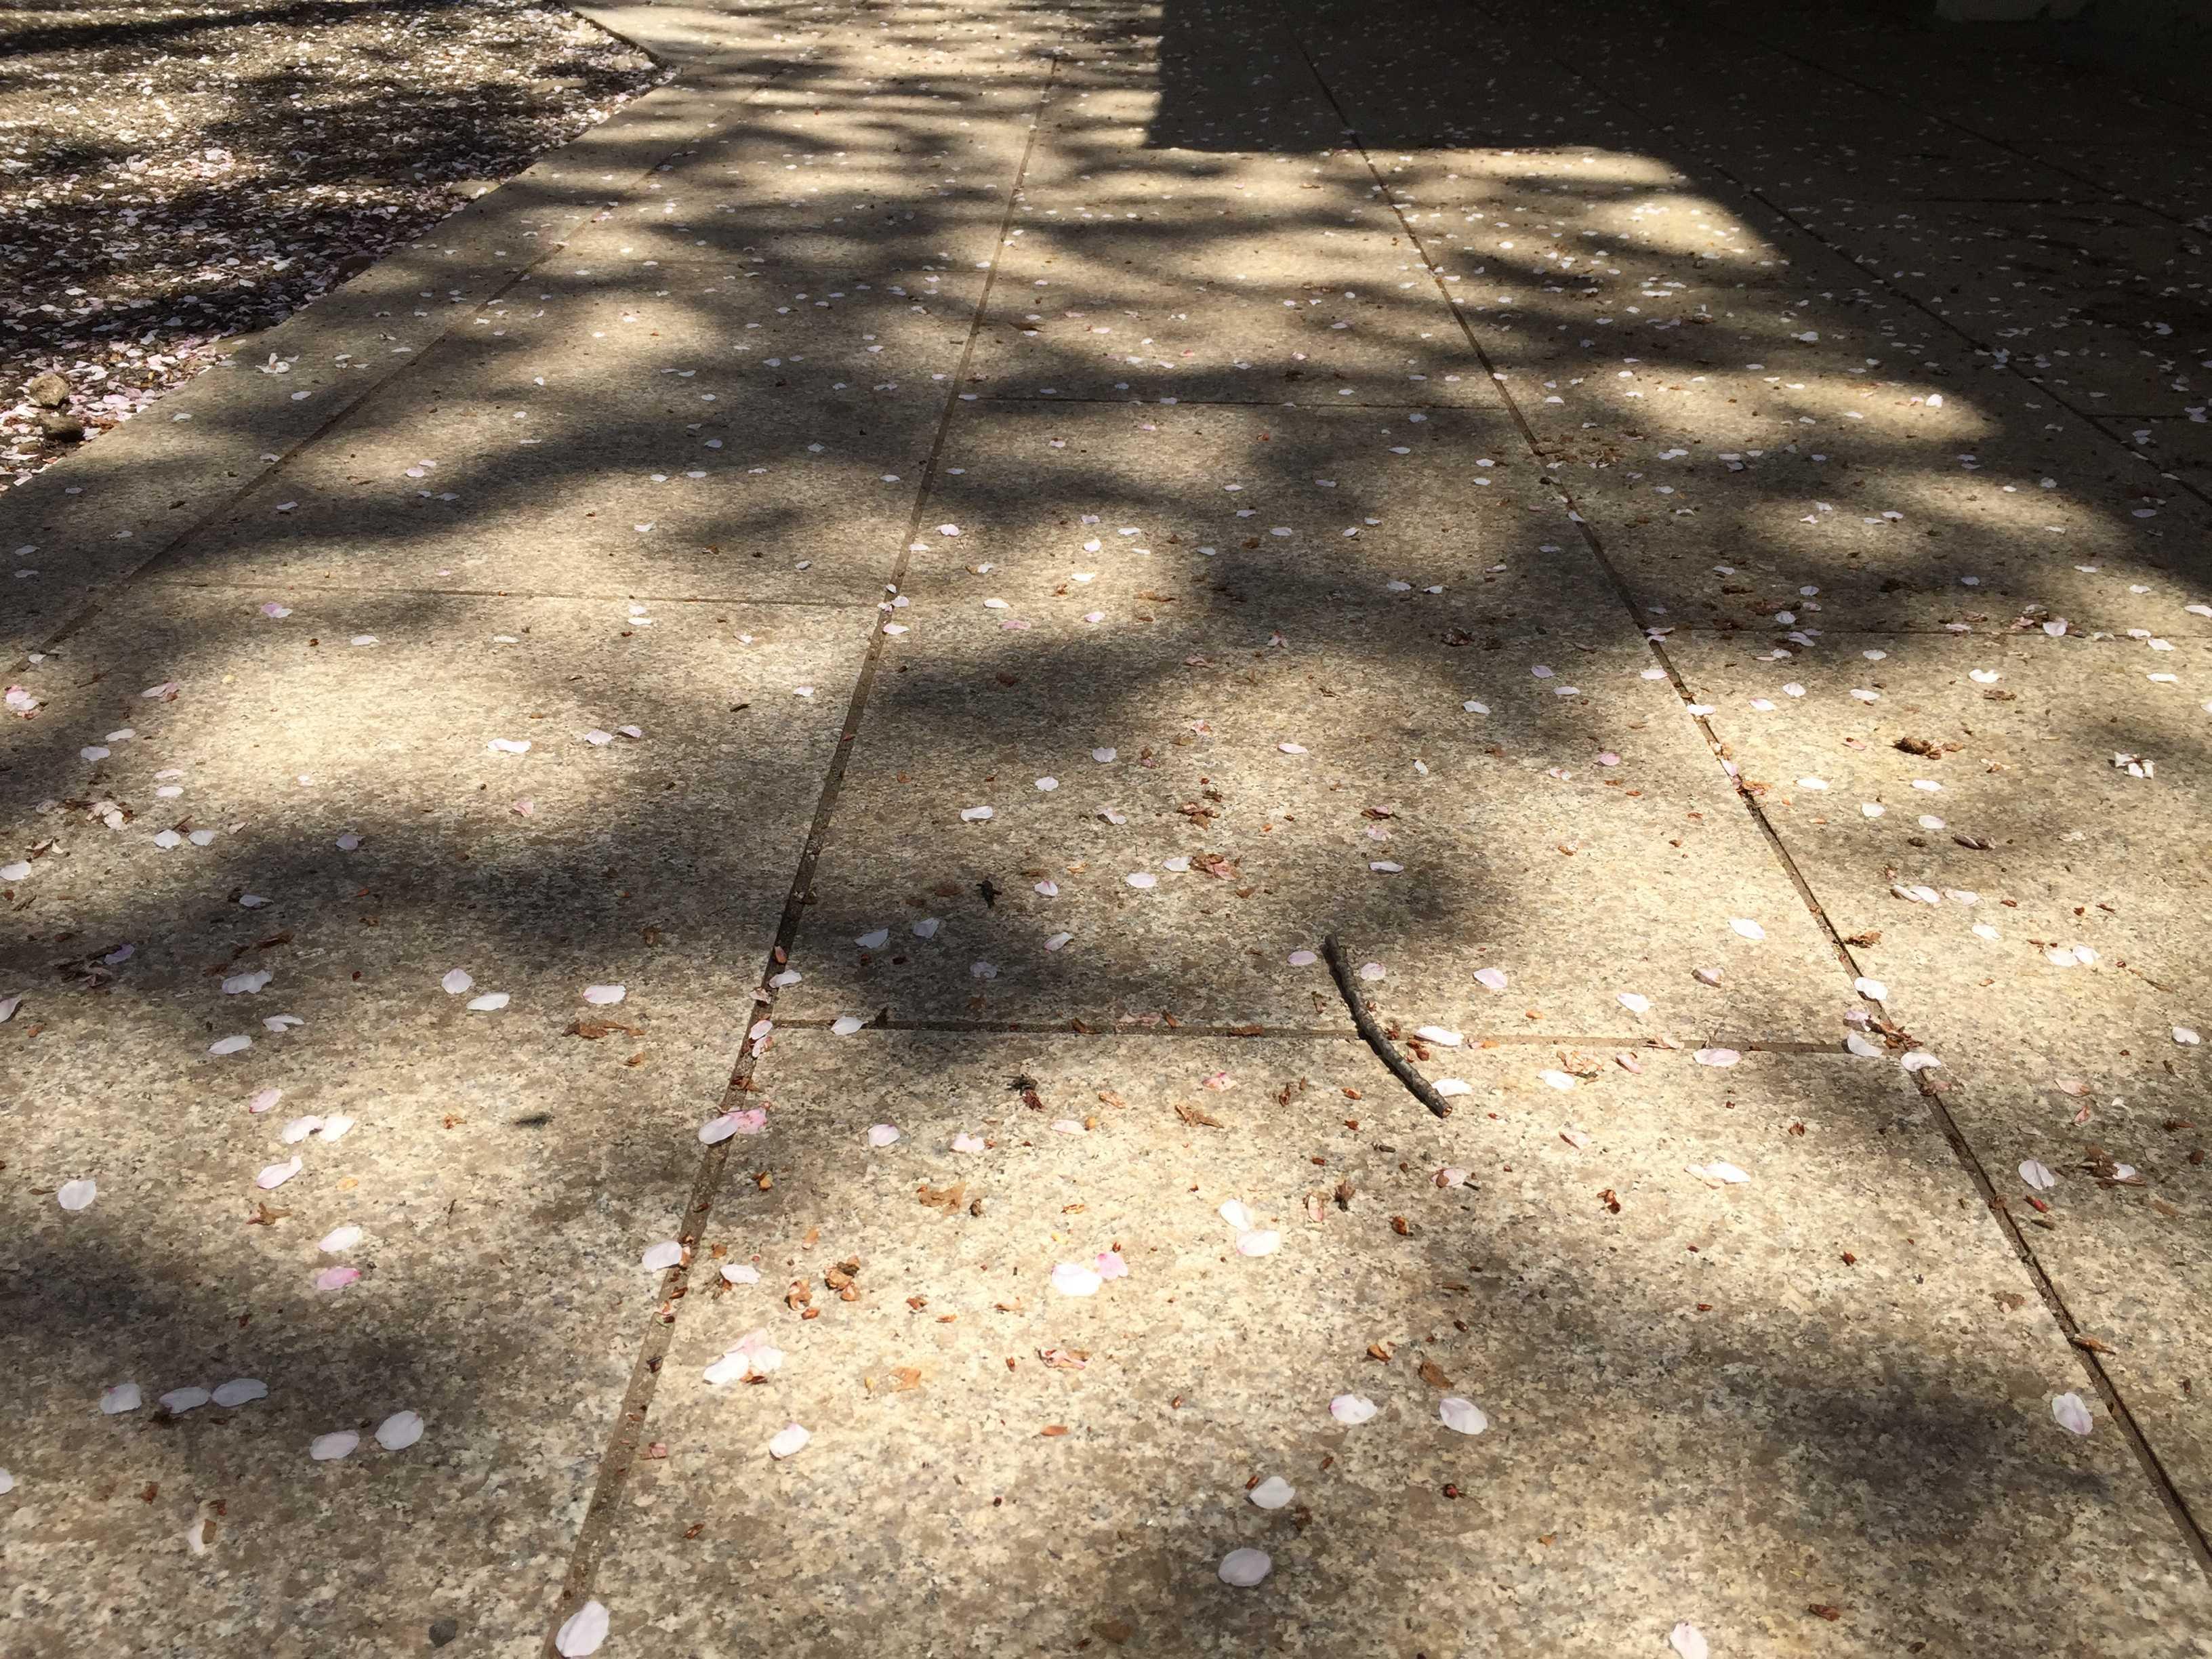 子安神社(東京・八王子)の石畳と桜の花びら